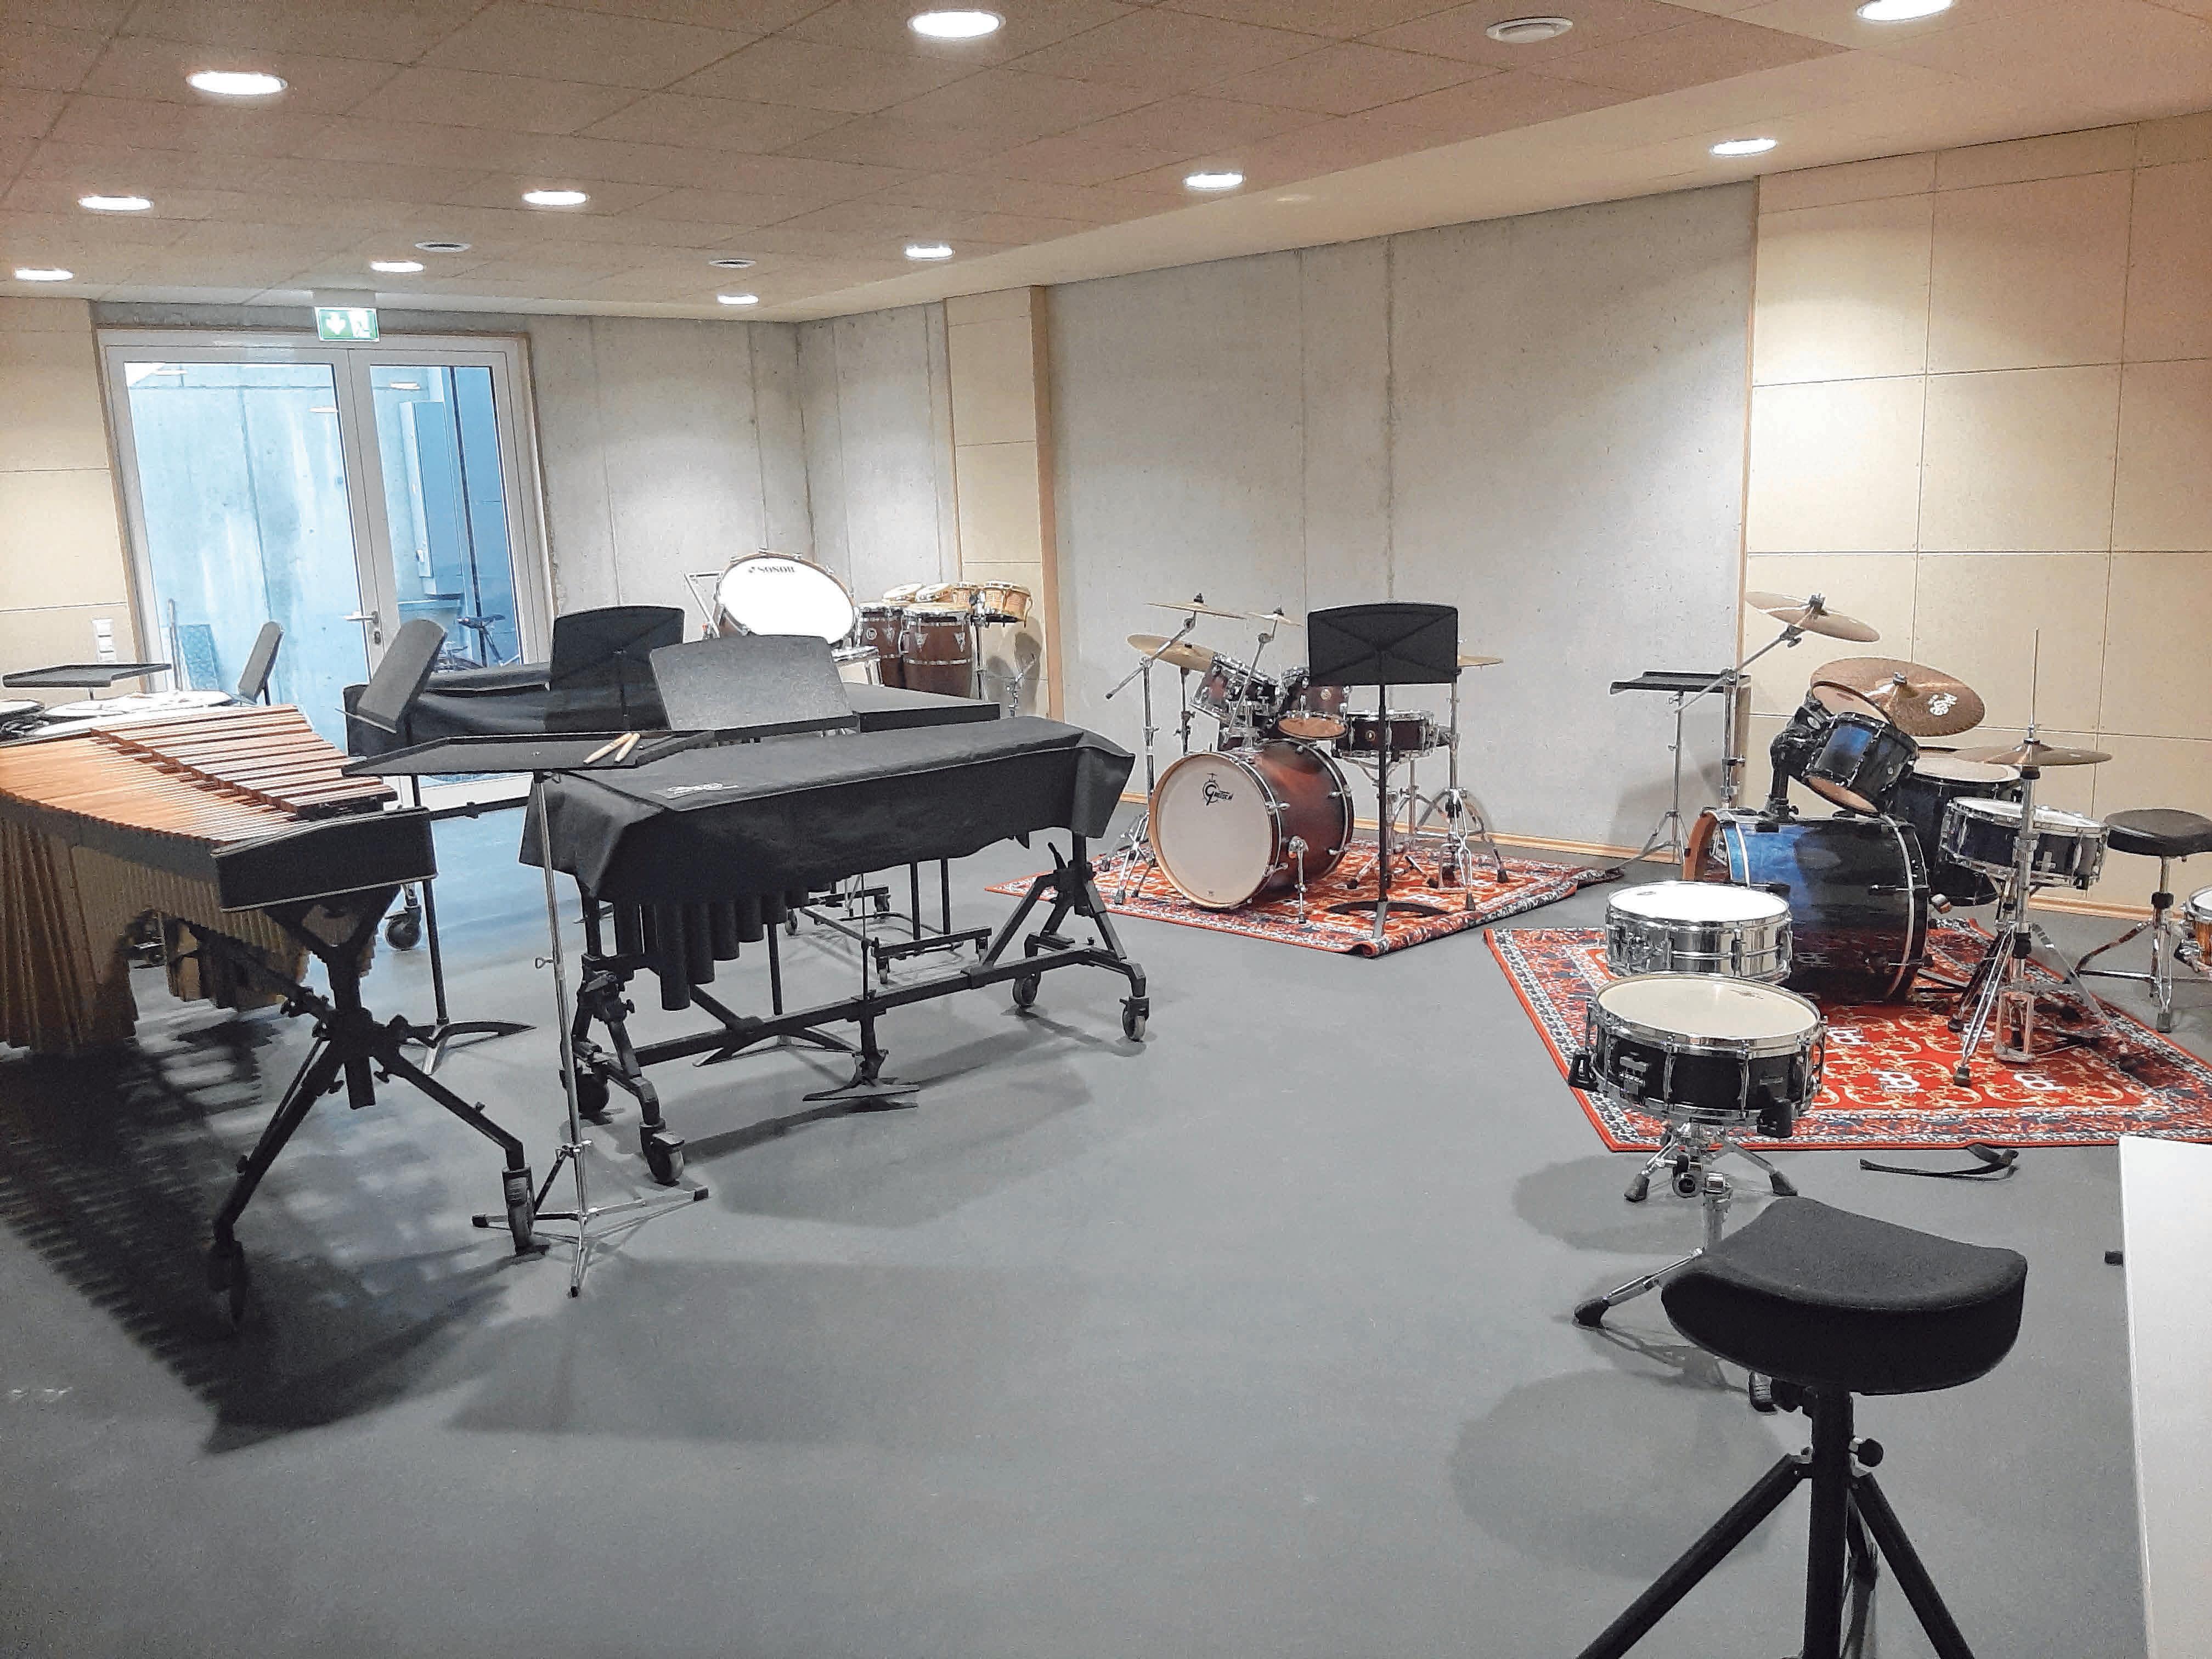 Schlagzeuger müssen mehr als das klassische Drumset beherrschen. Mit dazu gehören Becken, Rasseln, Xylophon, Vibraphon und noch viel mehr. FOTOS: W. LUTZ